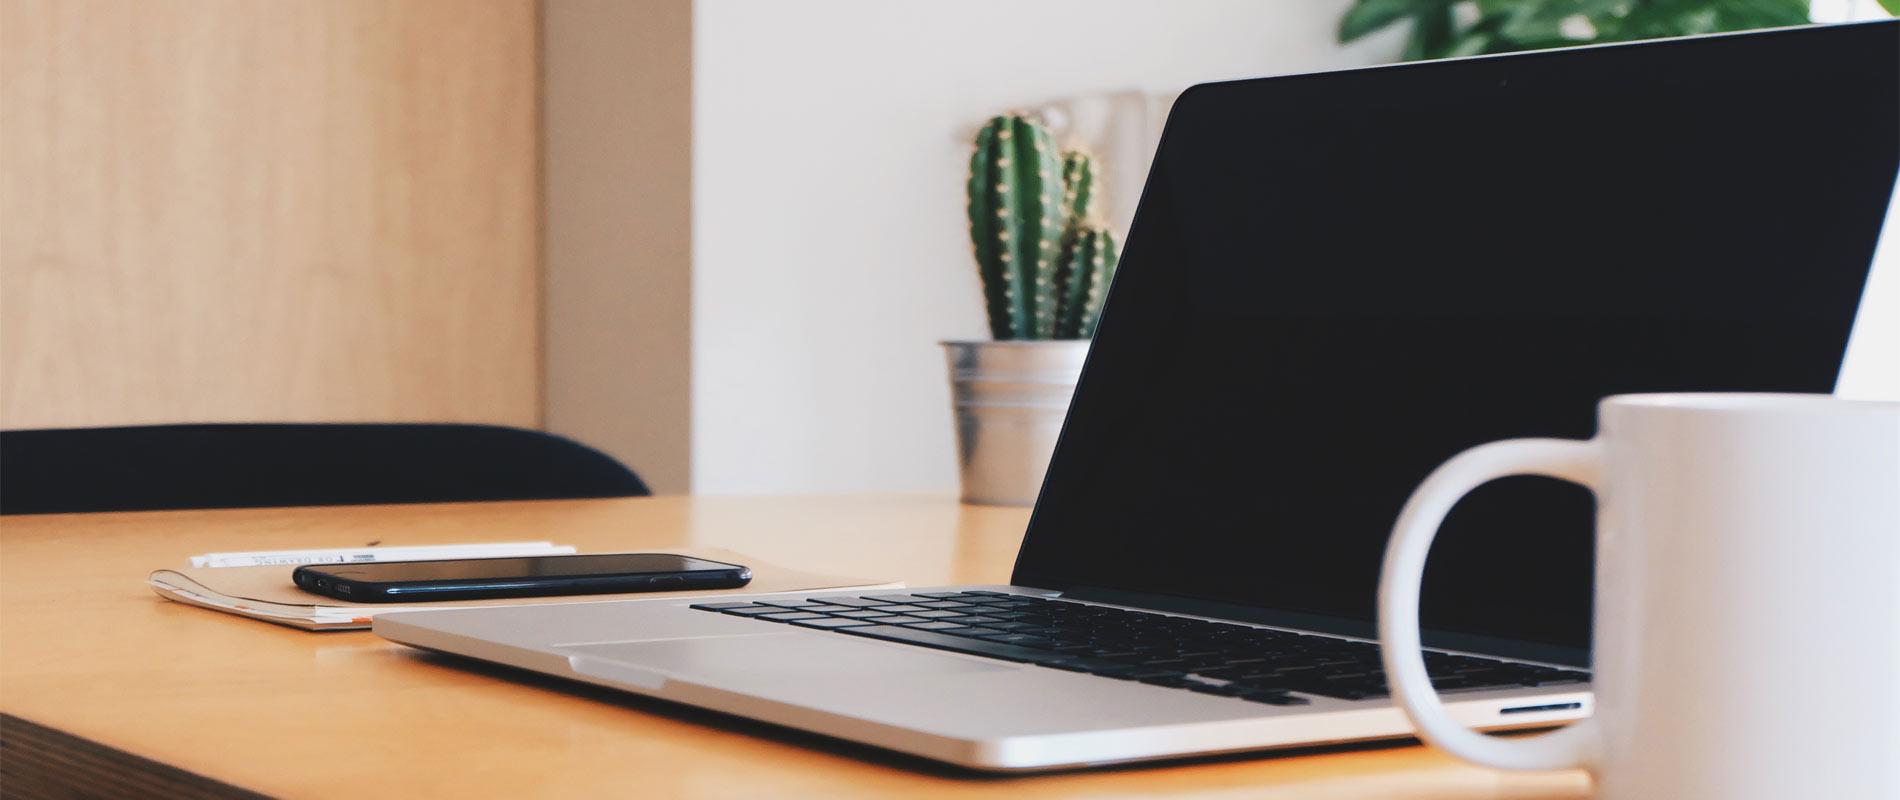 serwis laptopów szczecin